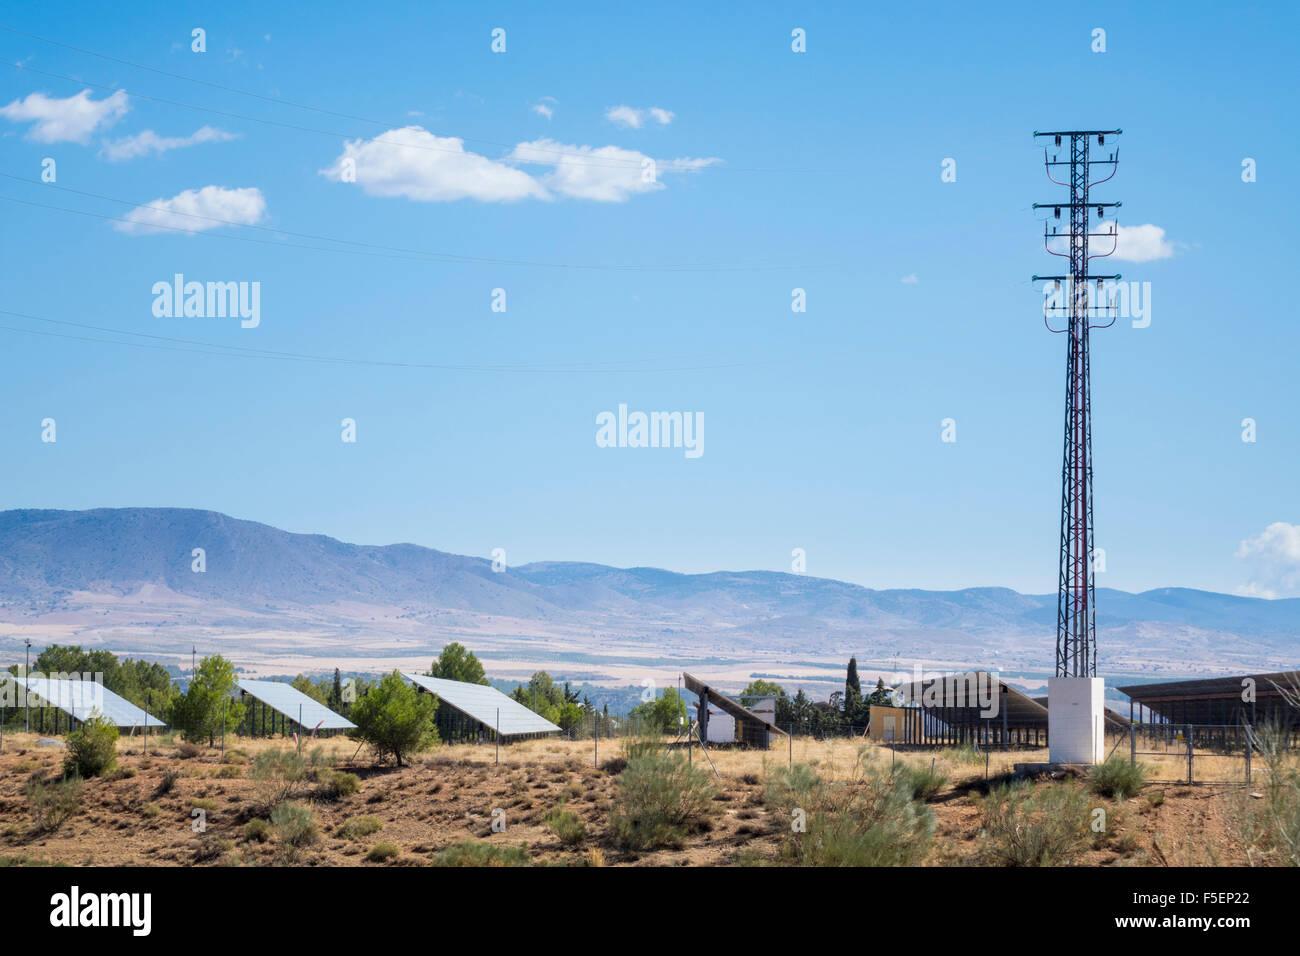 Fila de paneles solares y electricidad pilono en en granja solar en el sur de España Imagen De Stock